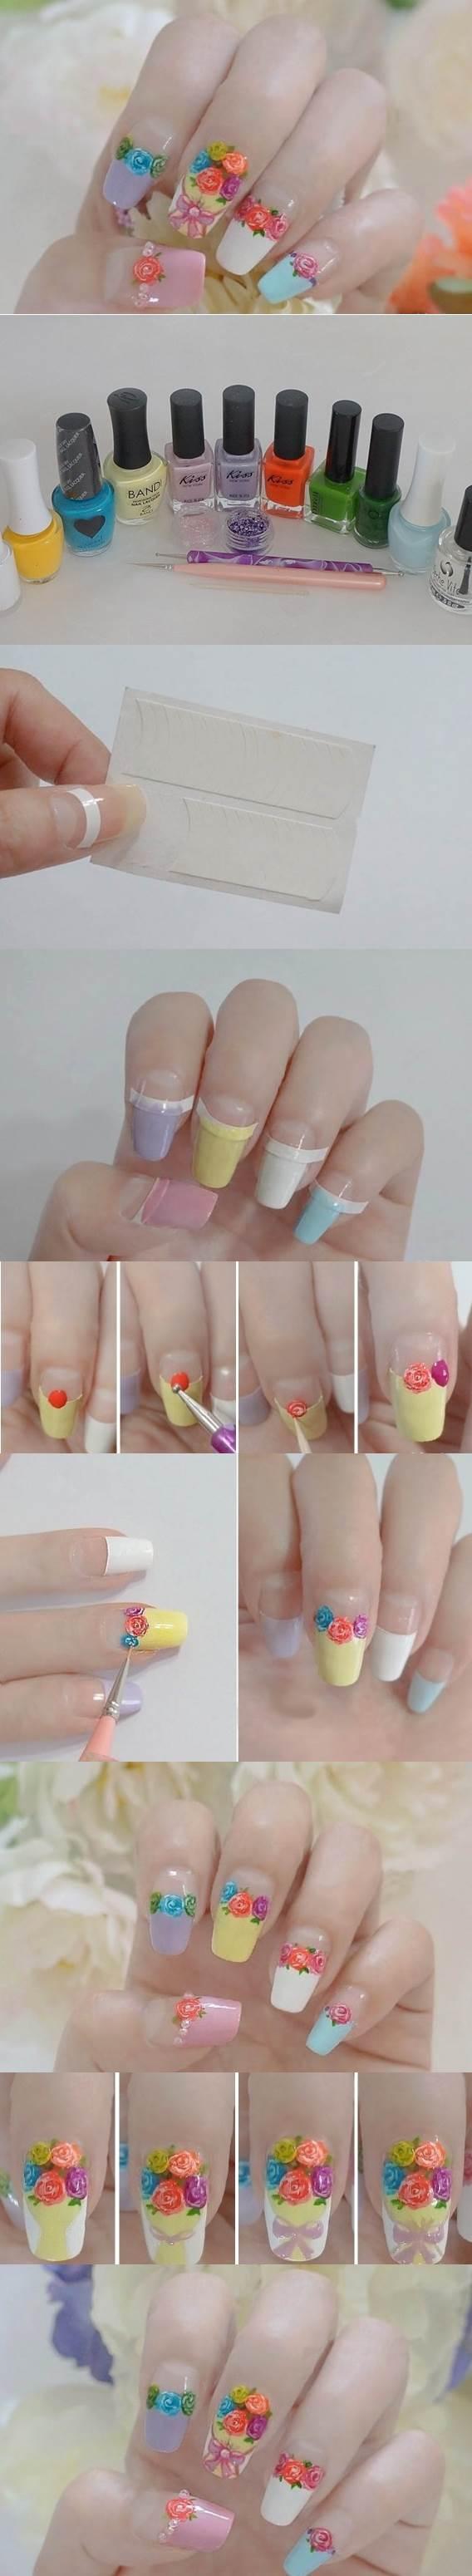 DIY Colorful Roses Nail Art 2